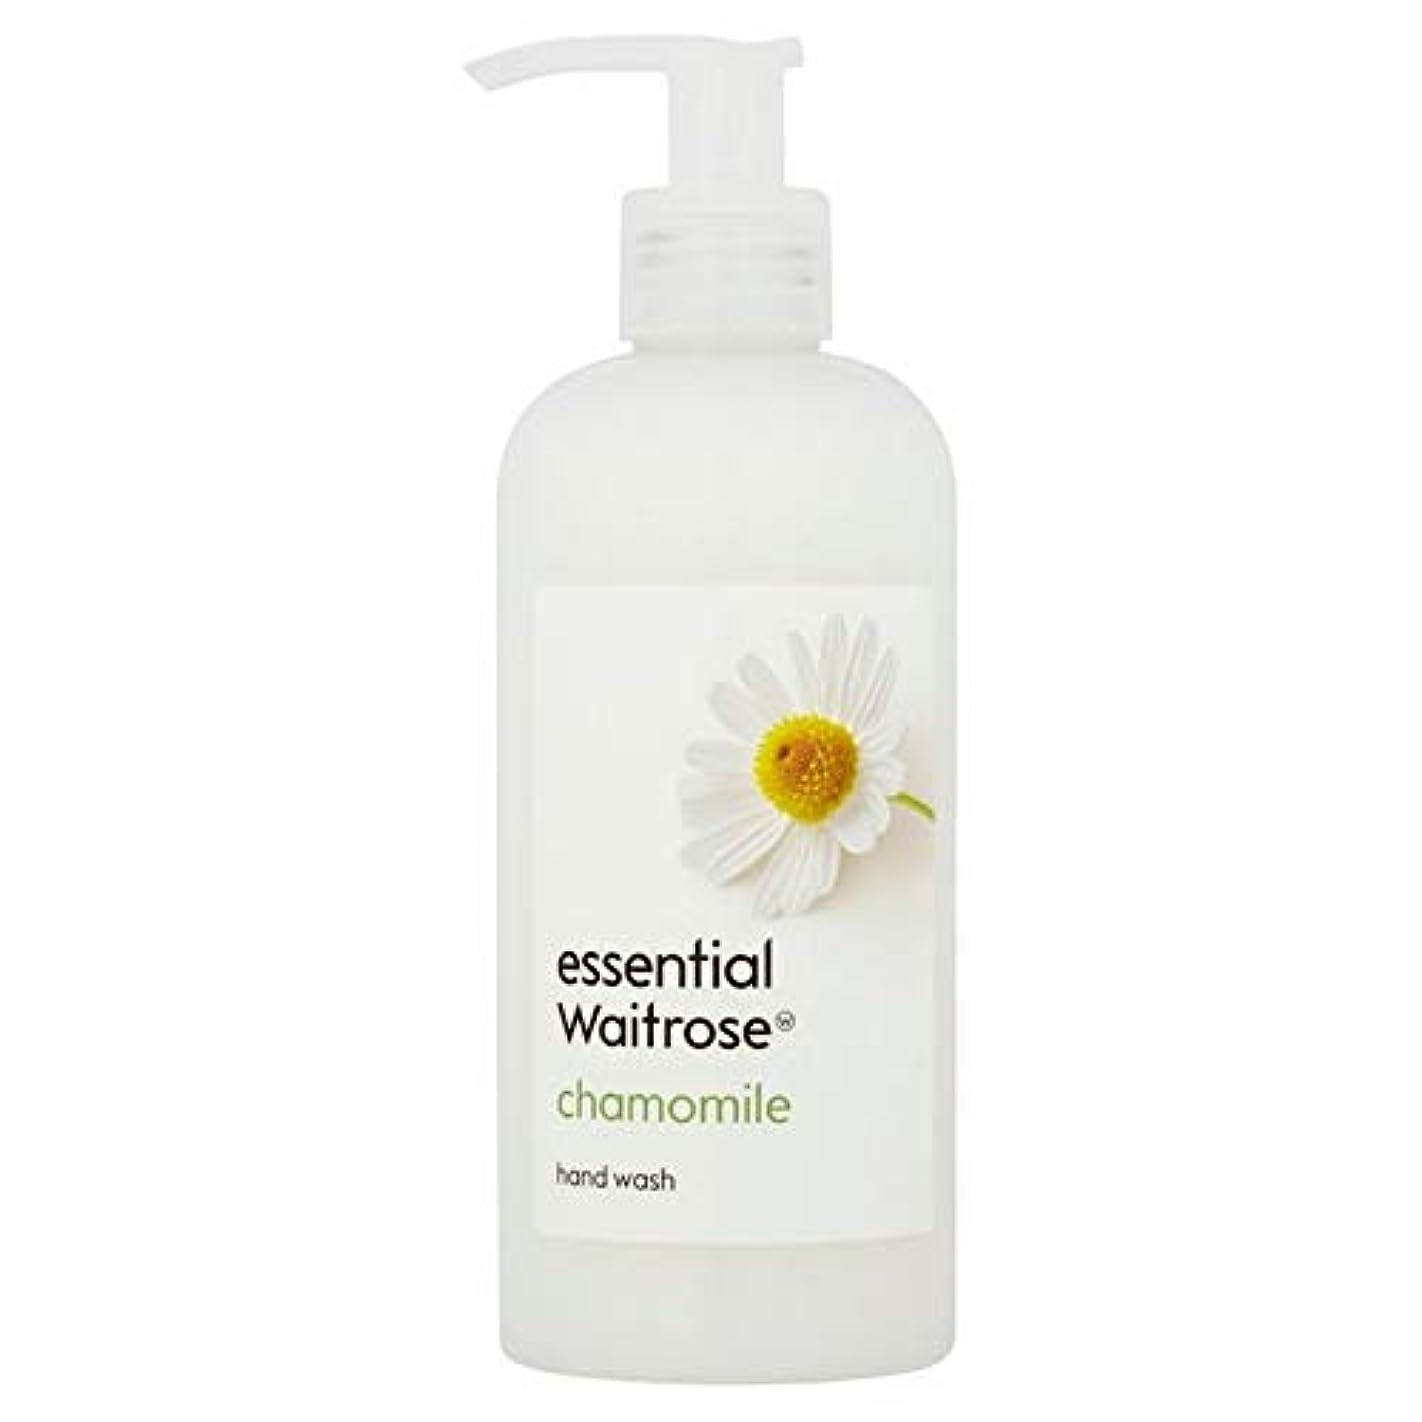 モンクケーブルカー定義[Waitrose ] 基本的なウェイトローズのハンドウォッシュカモミール300ミリリットル - Essential Waitrose Hand Wash Chamomile 300ml [並行輸入品]